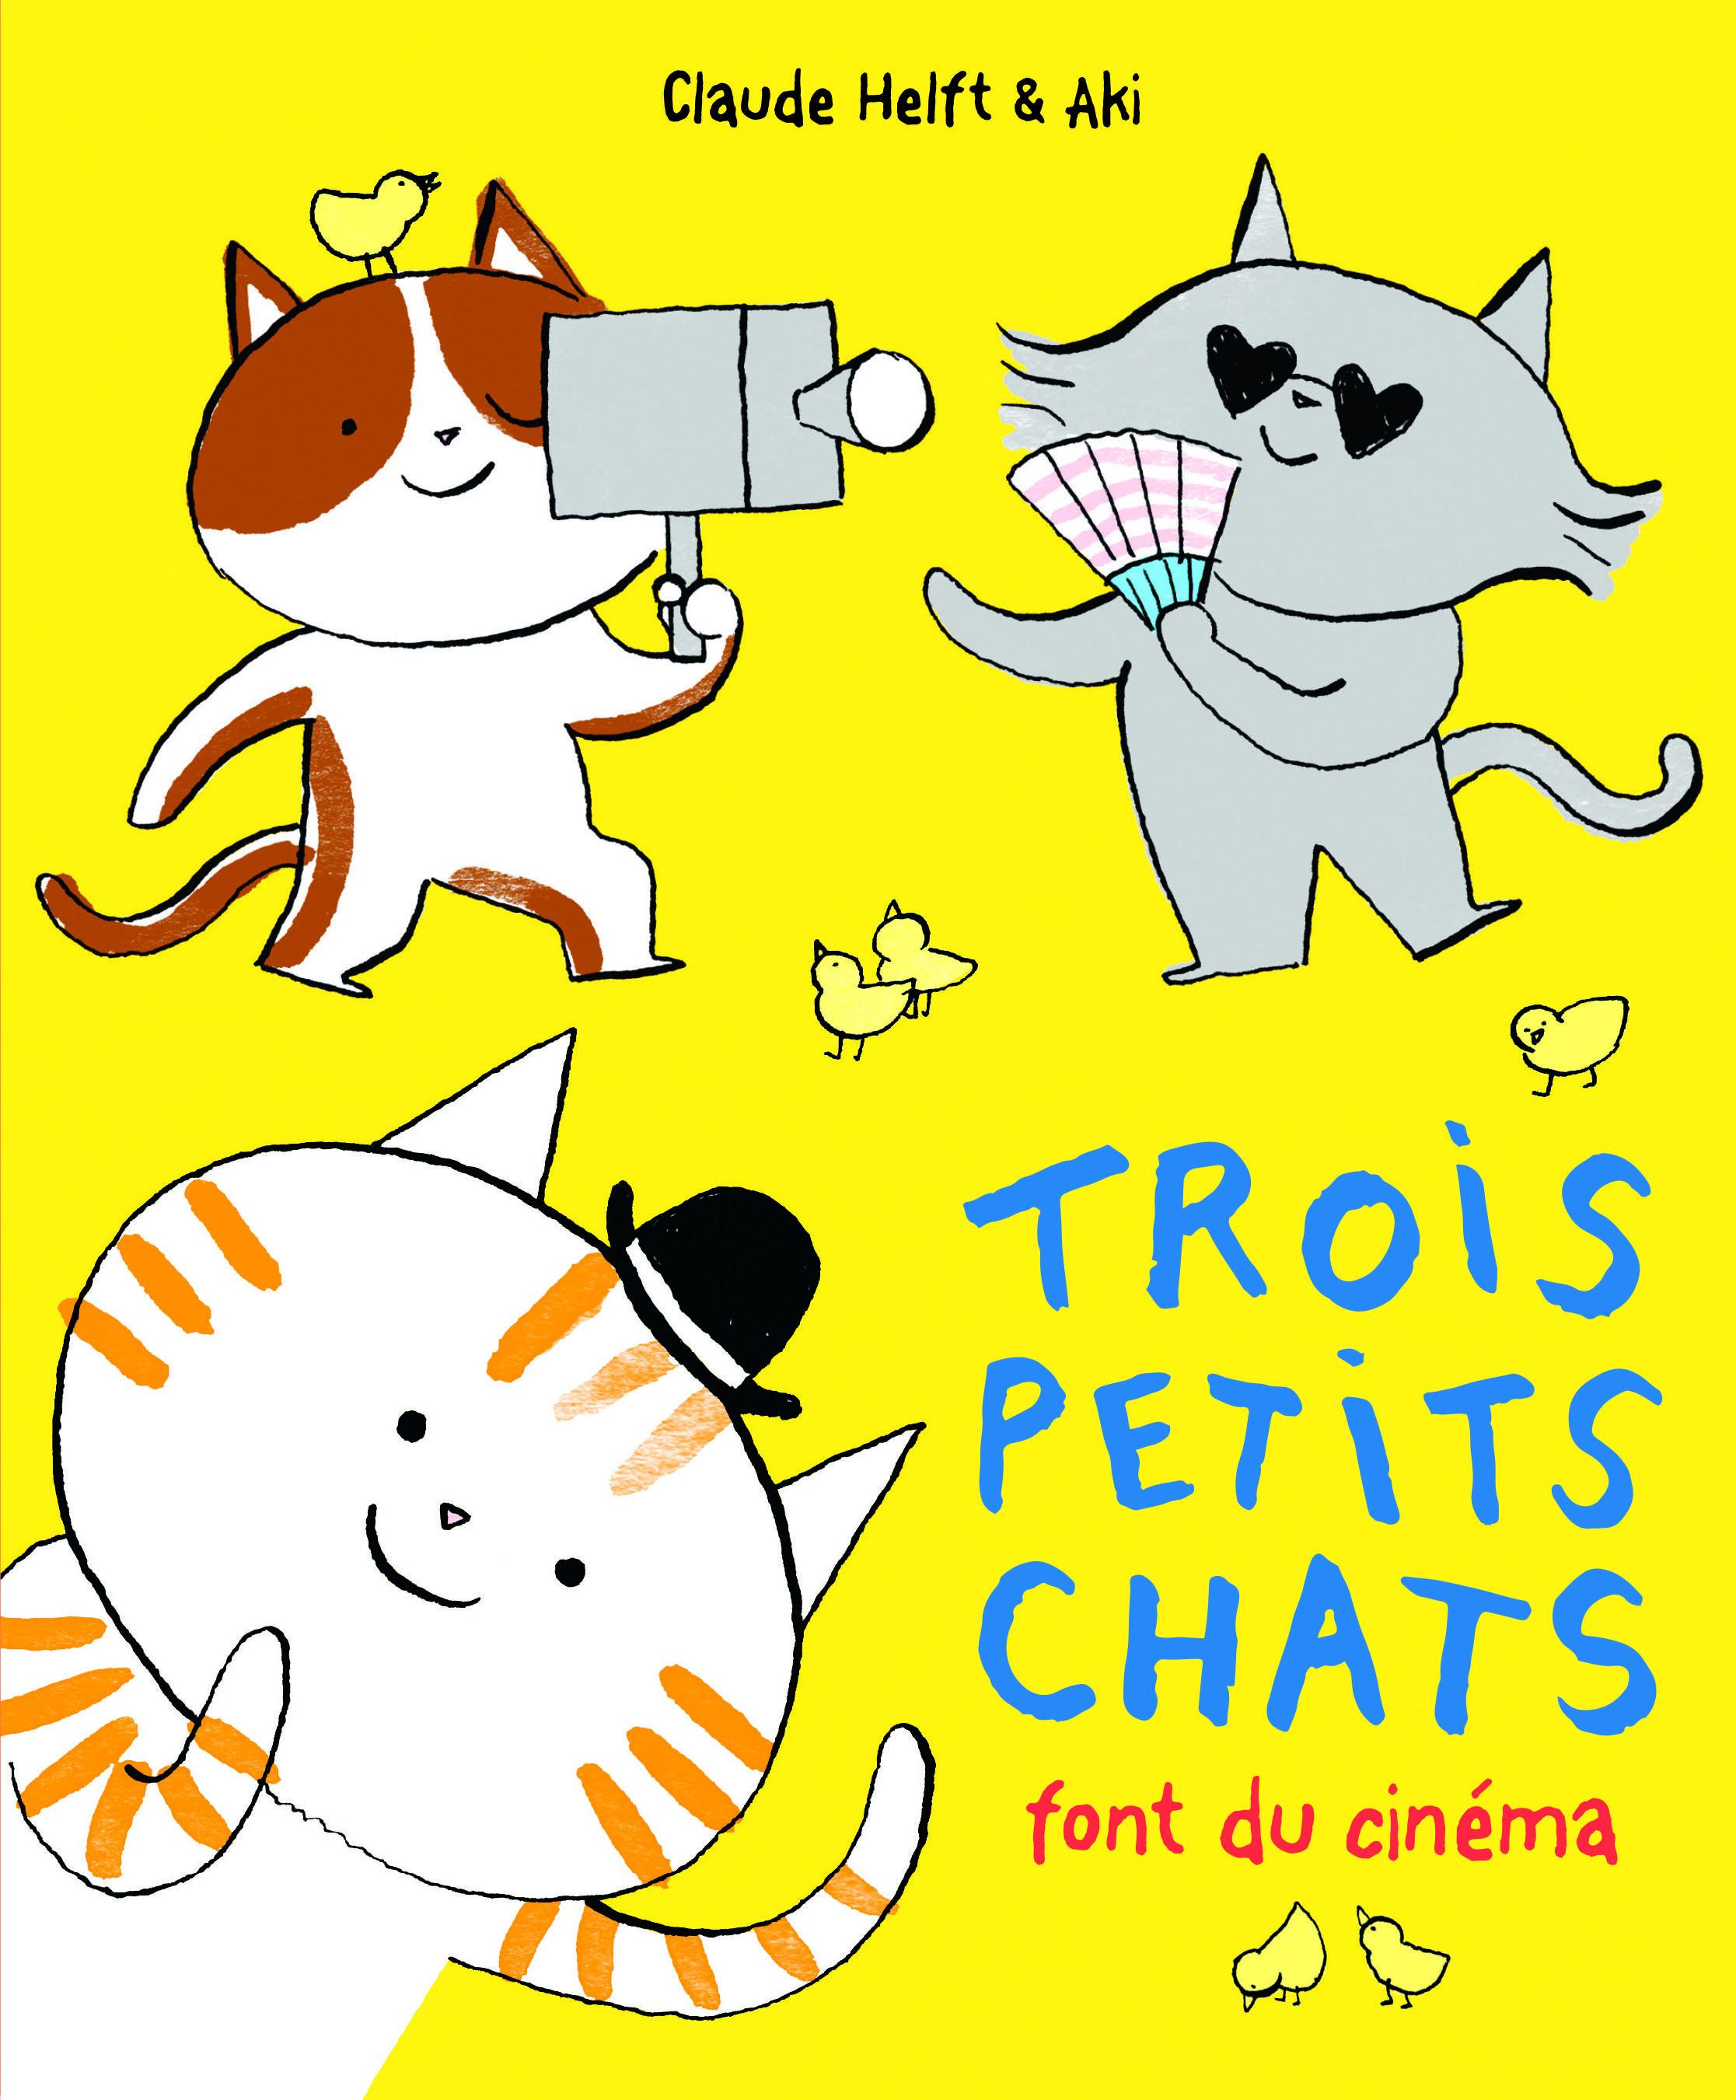 TROIS PETITS CHATS FONT DU CINEMA